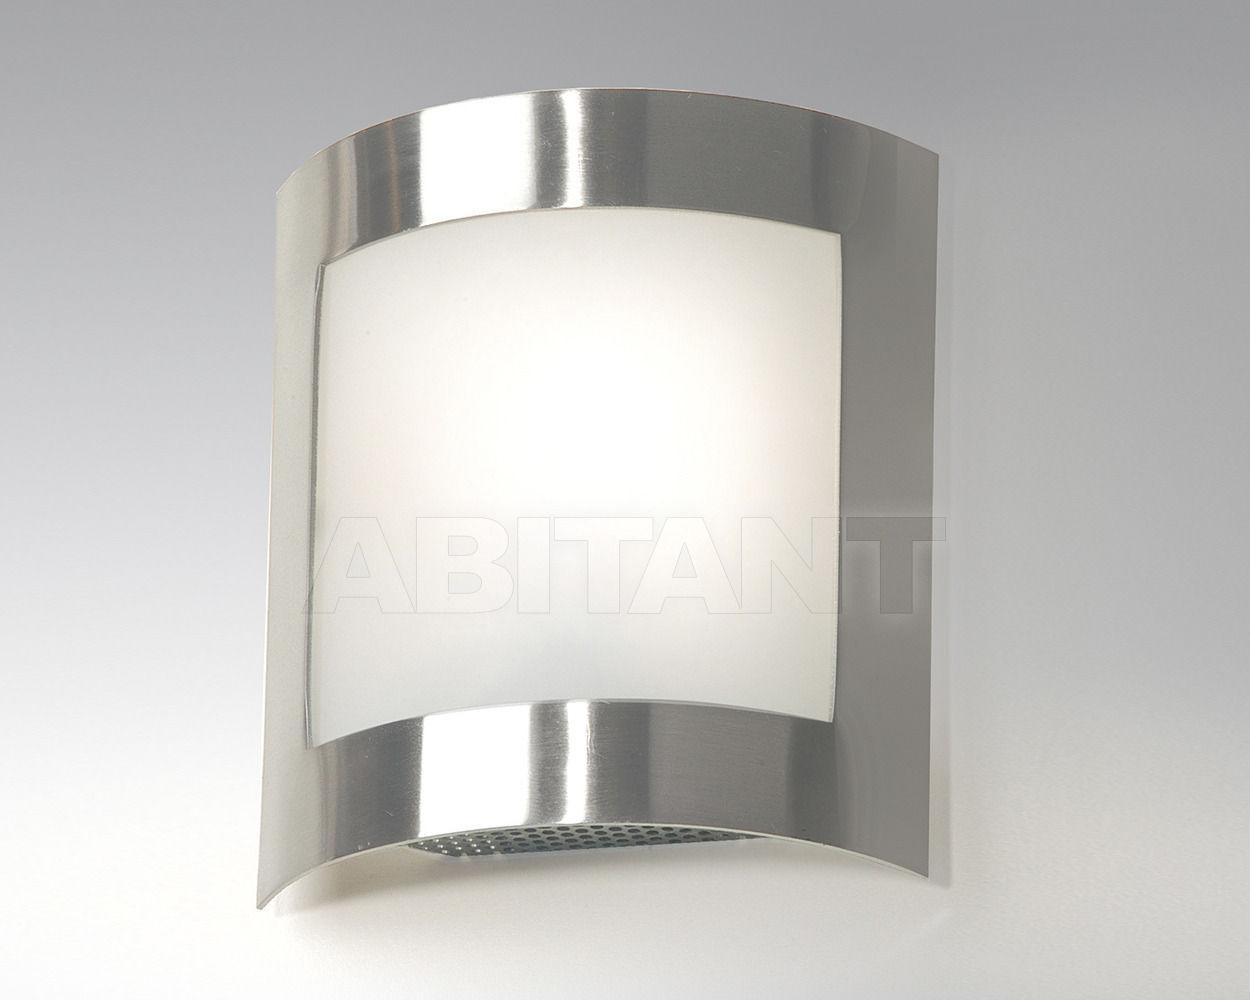 Купить Бра Linea Verdace 2012 LV 32021/NM